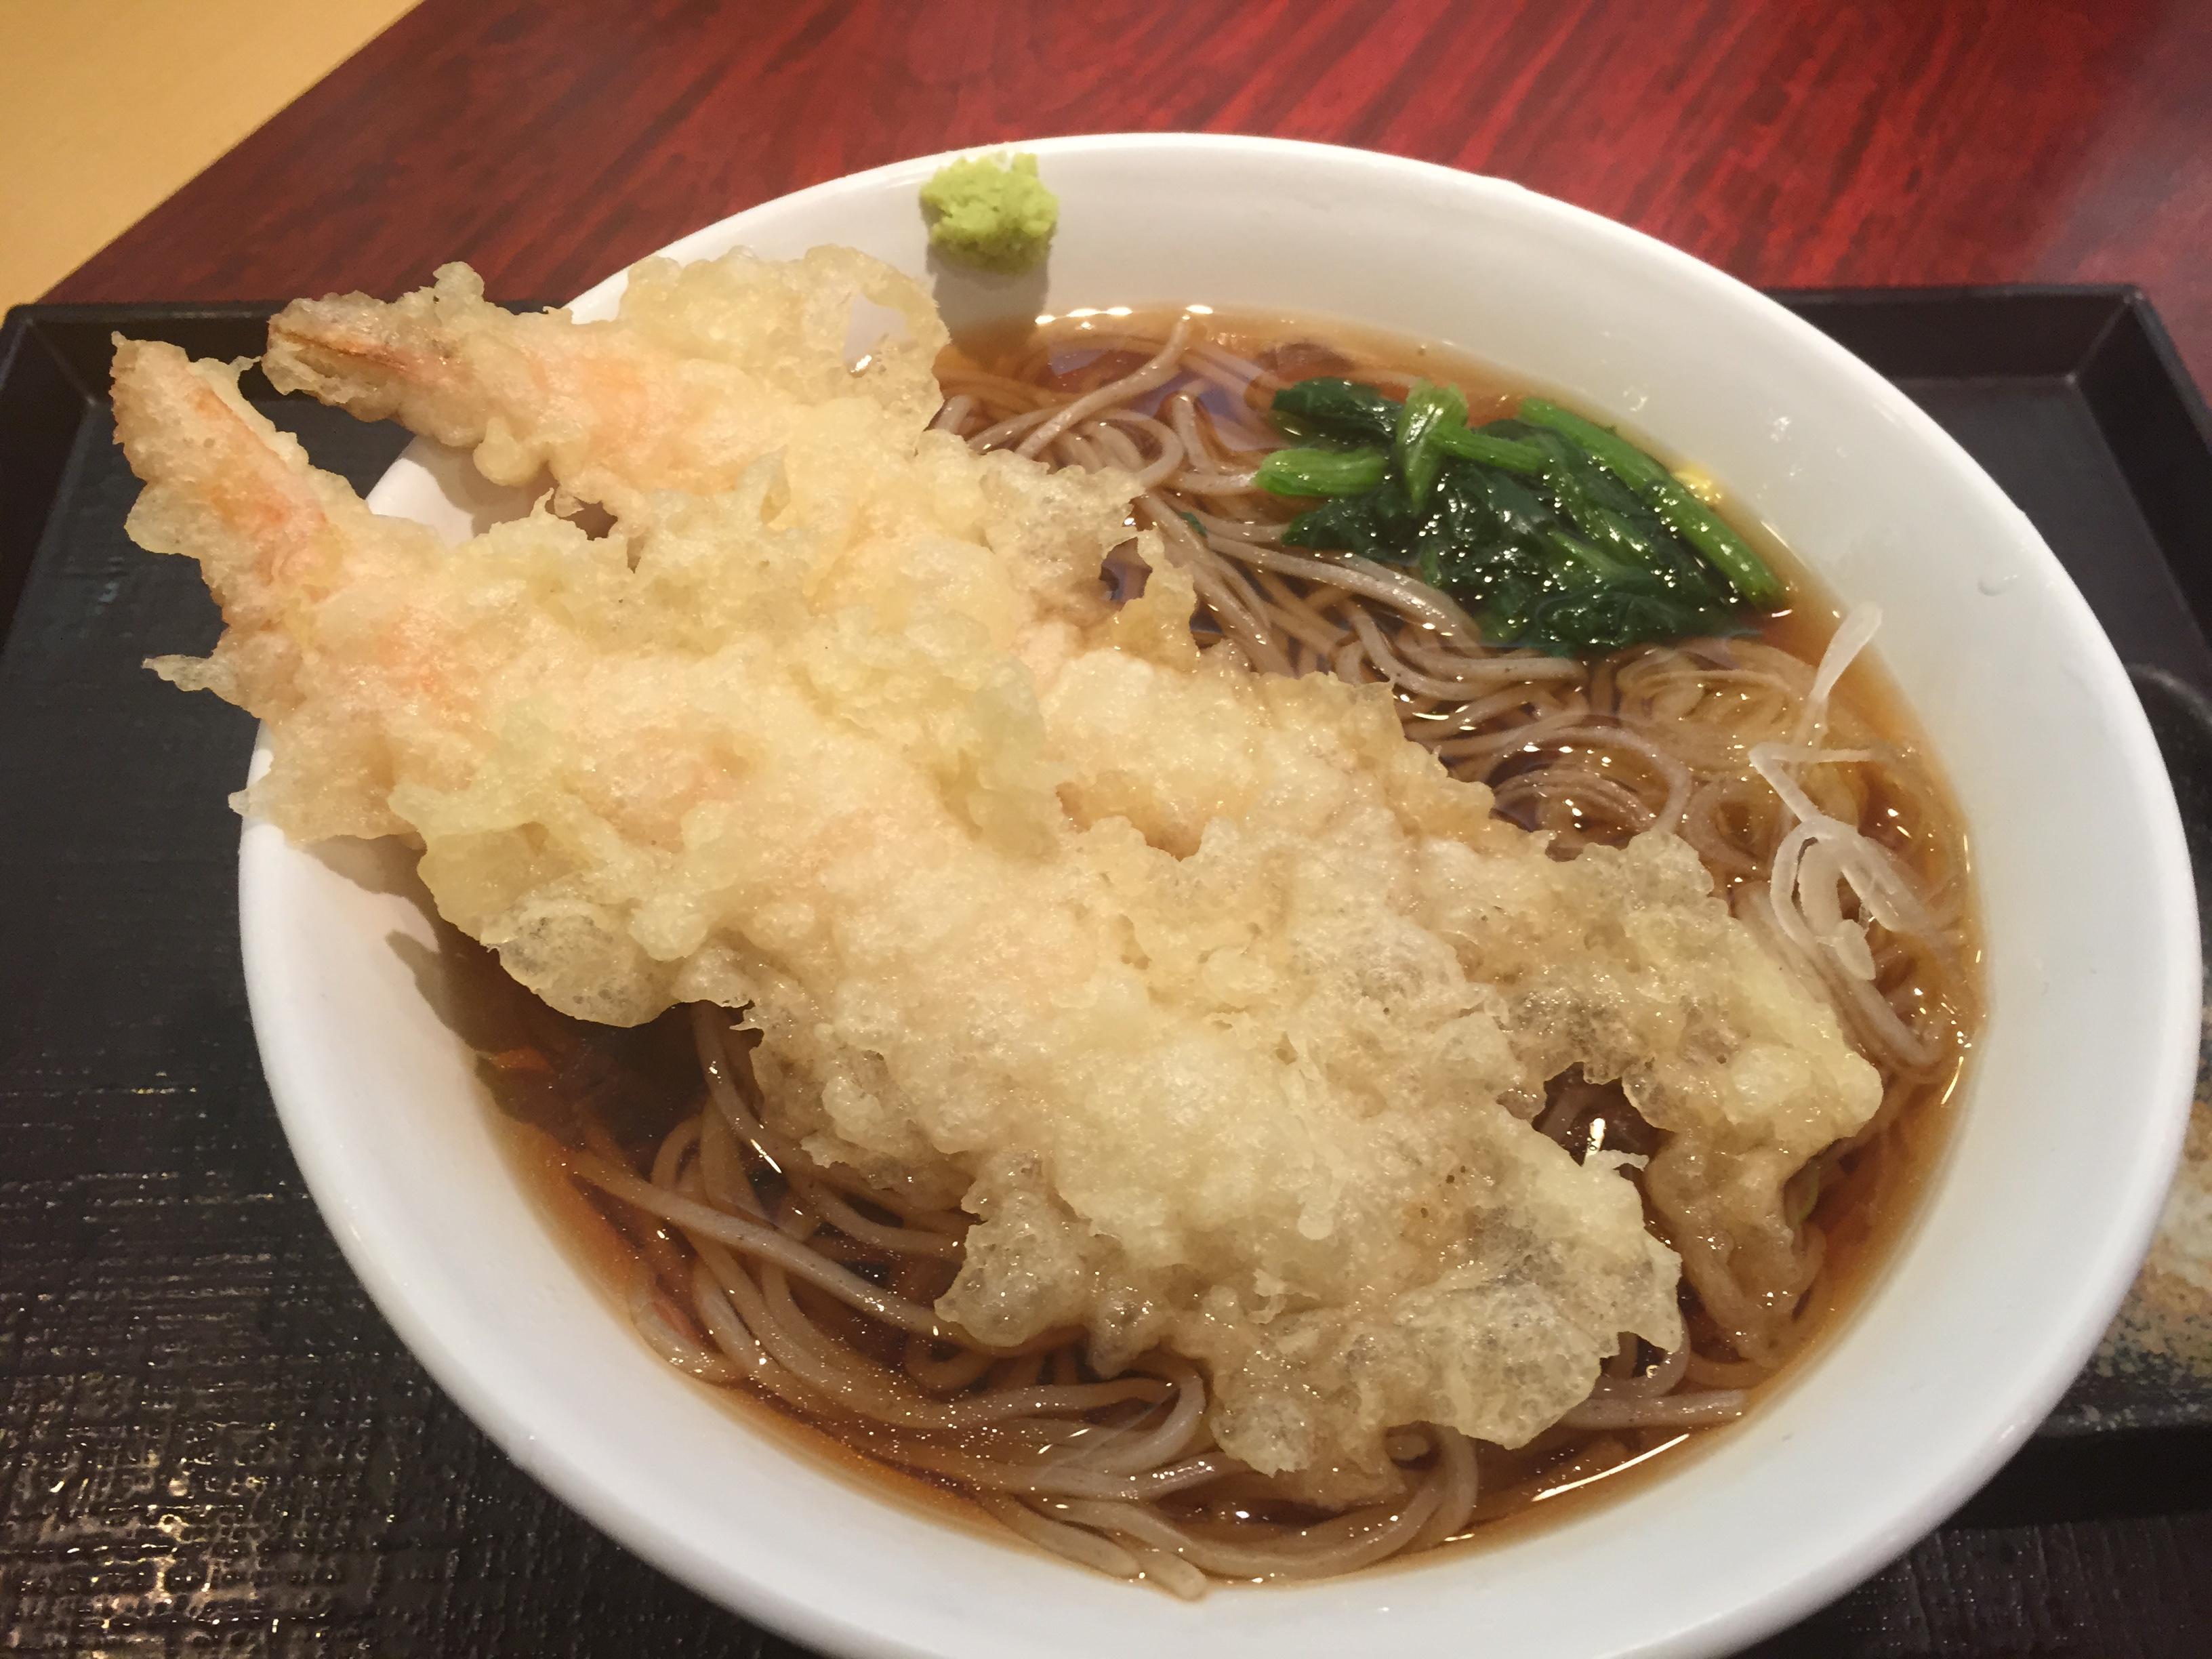 新宿で絶対に食べるべき立ち食い蕎麦 3店